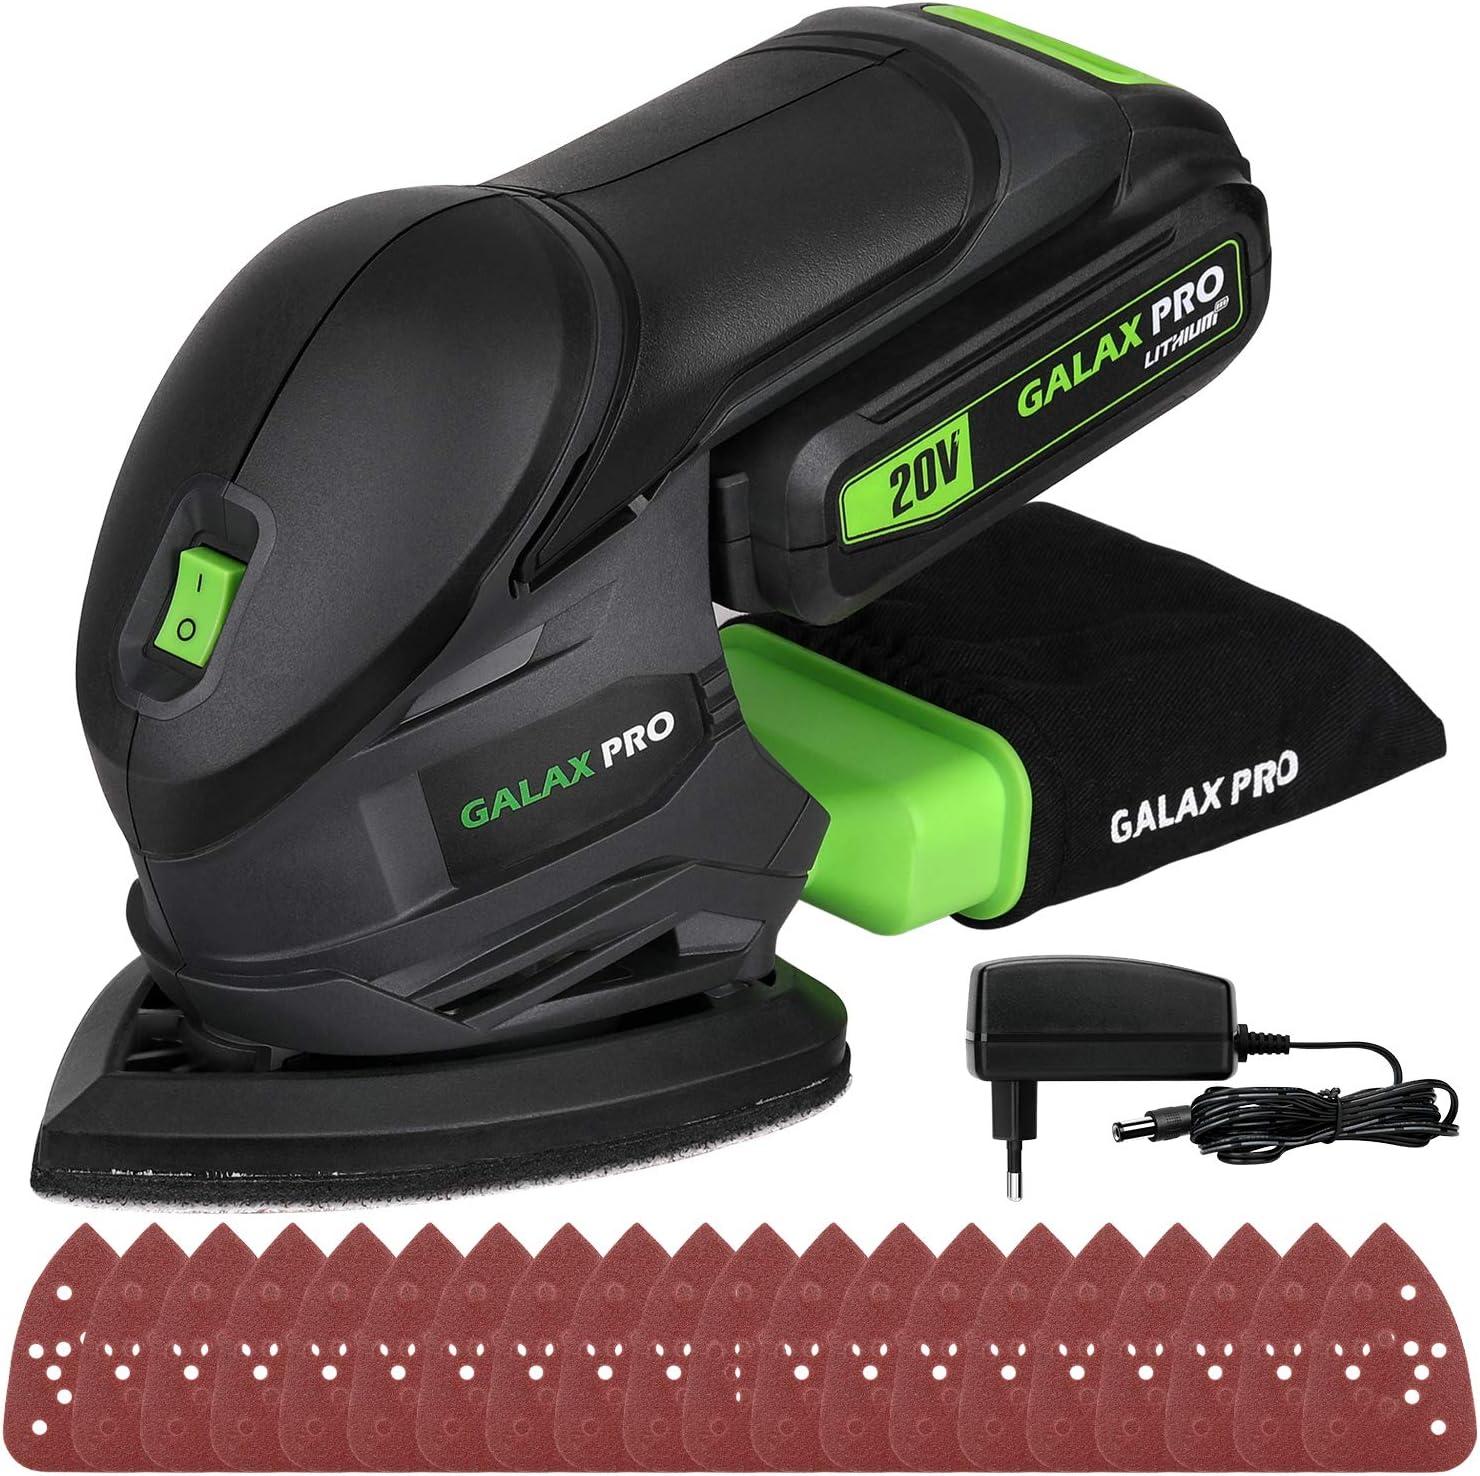 GALAX PRO Lijadora Eléctrica, Lijadora Mouse de 20V Batería de 1.3Ah Recargable, Lijadora de Detalle, Velocidades 12000 OPM con 20 Papeles de Lijas para Decoraciones del Hogar 96723-1: Amazon.es: Bricolaje y herramientas